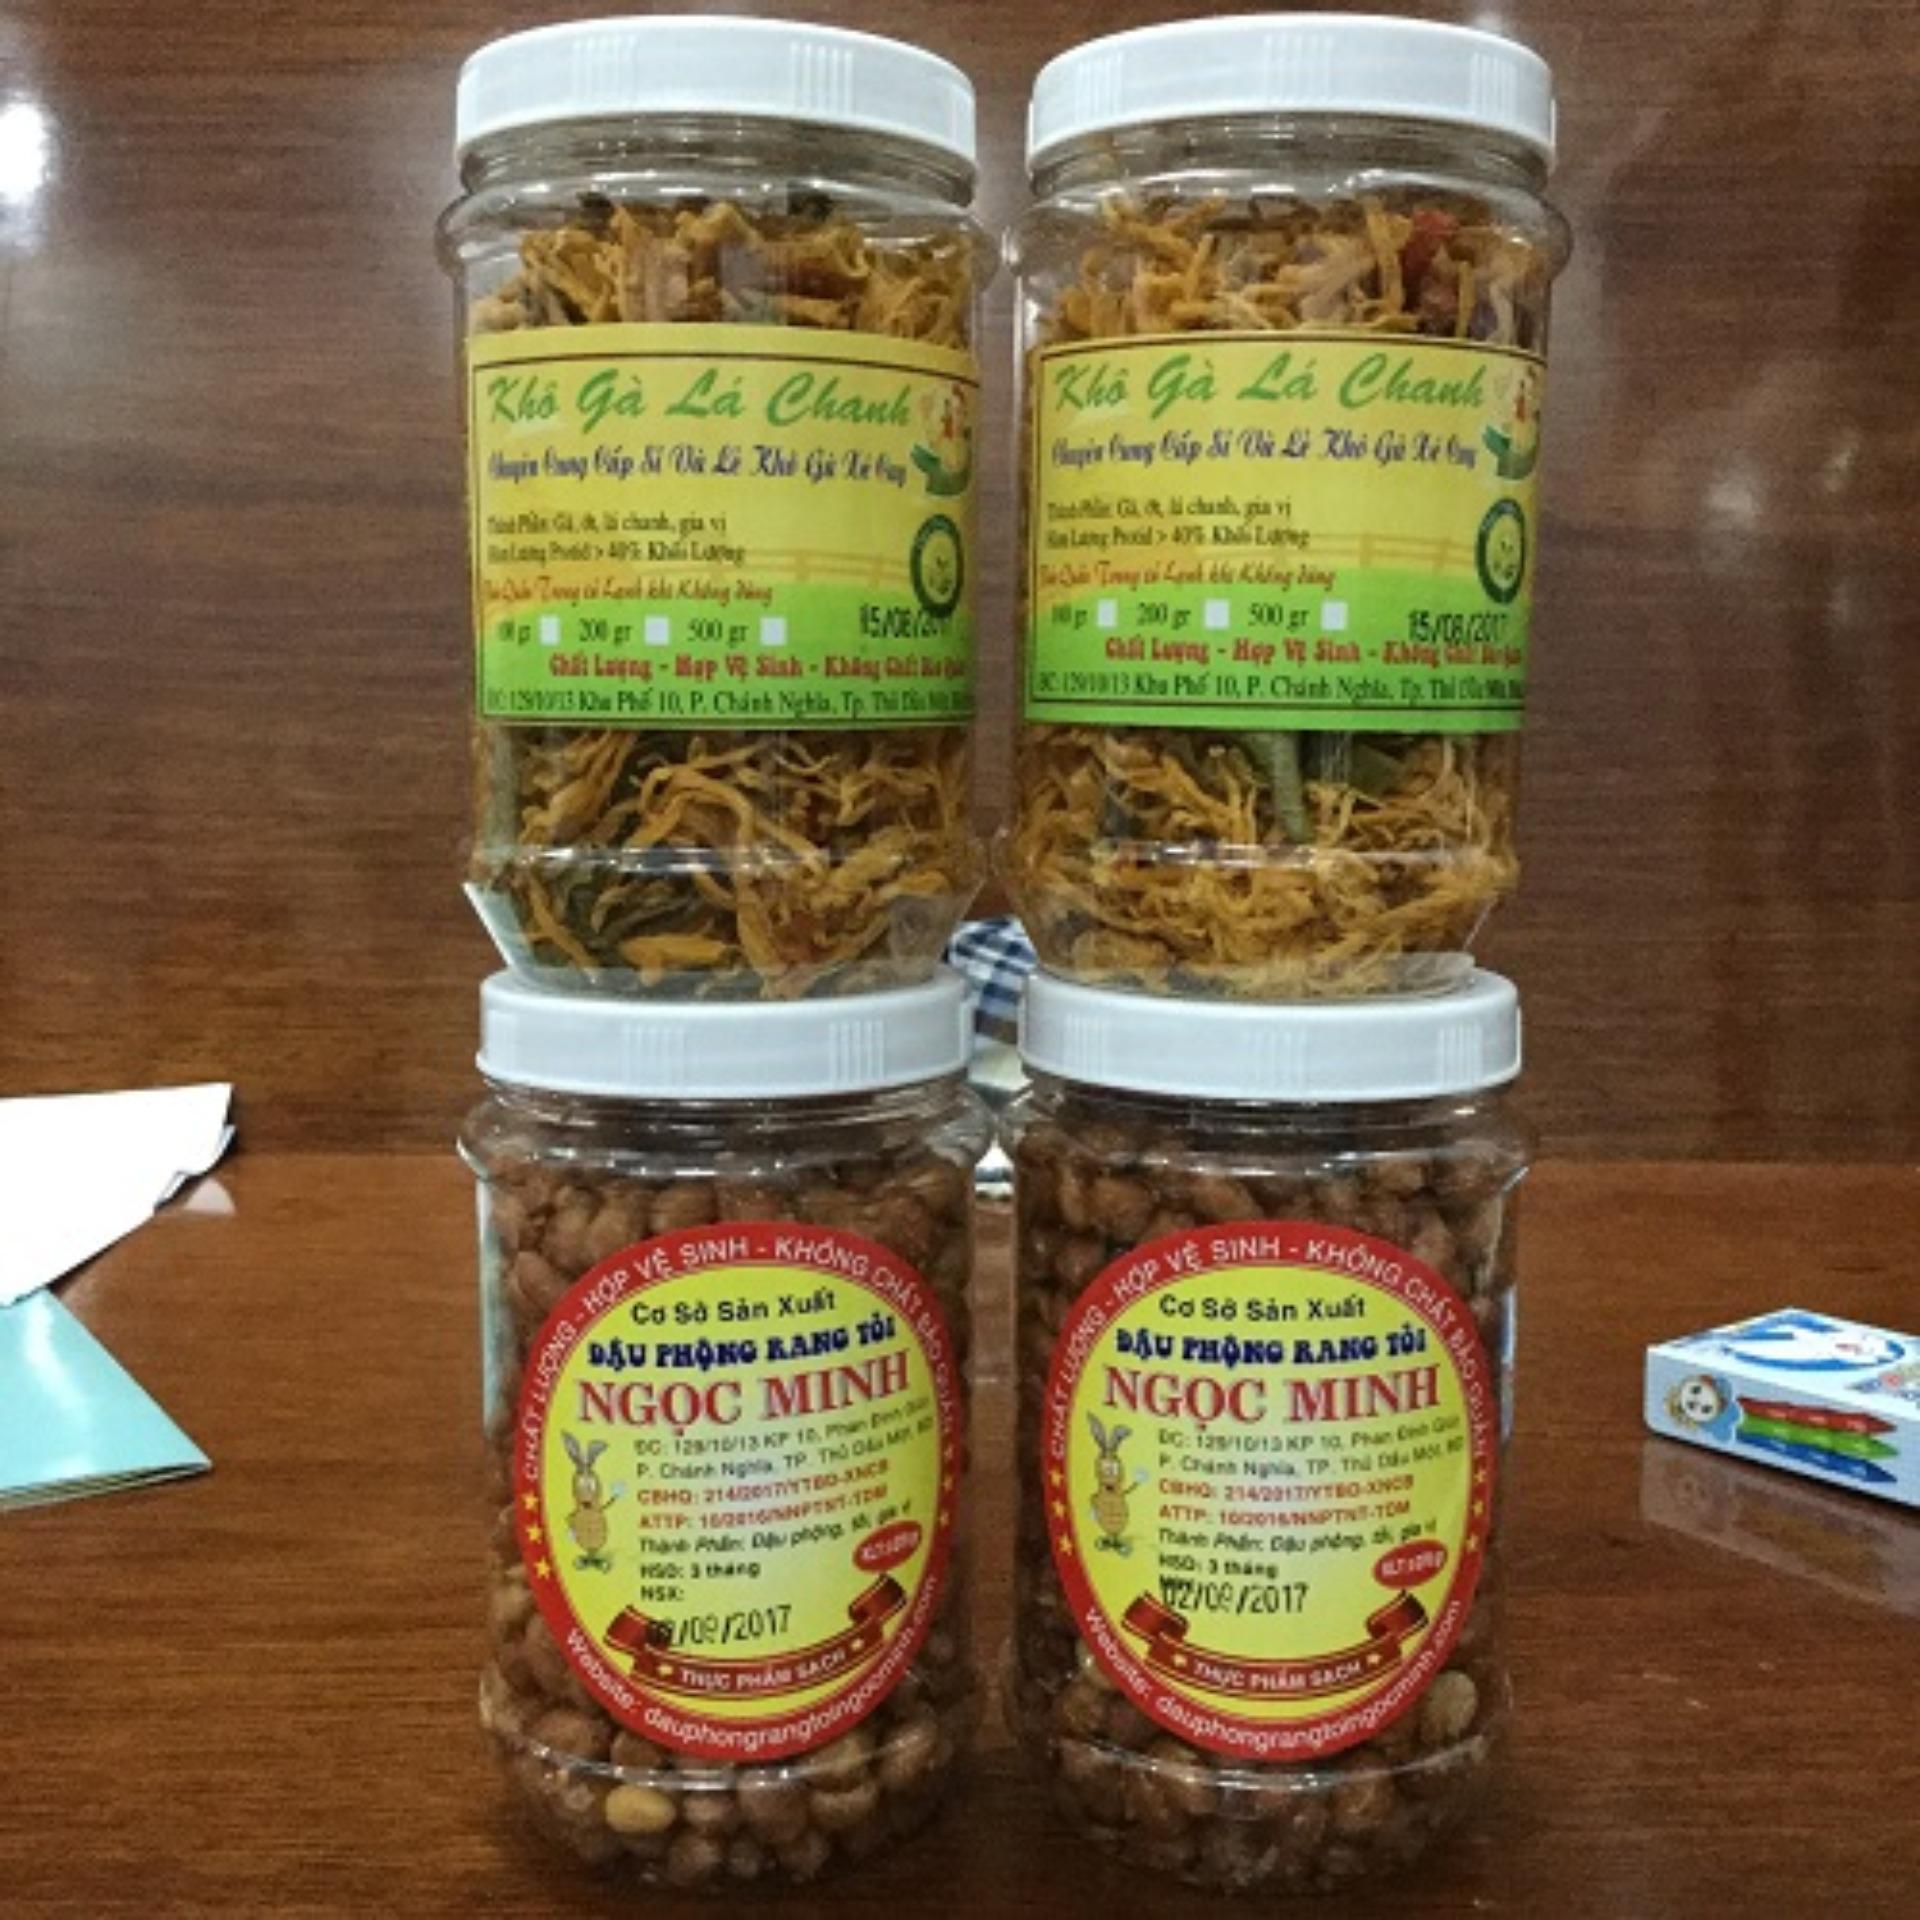 Báo Giá Combo 4 hủ (2 đậu phộng rang tỏi ớt loại 250gr + 2 khô gà lá chanh loại 100gr)- An toàn, chất lượng, vệ sinh